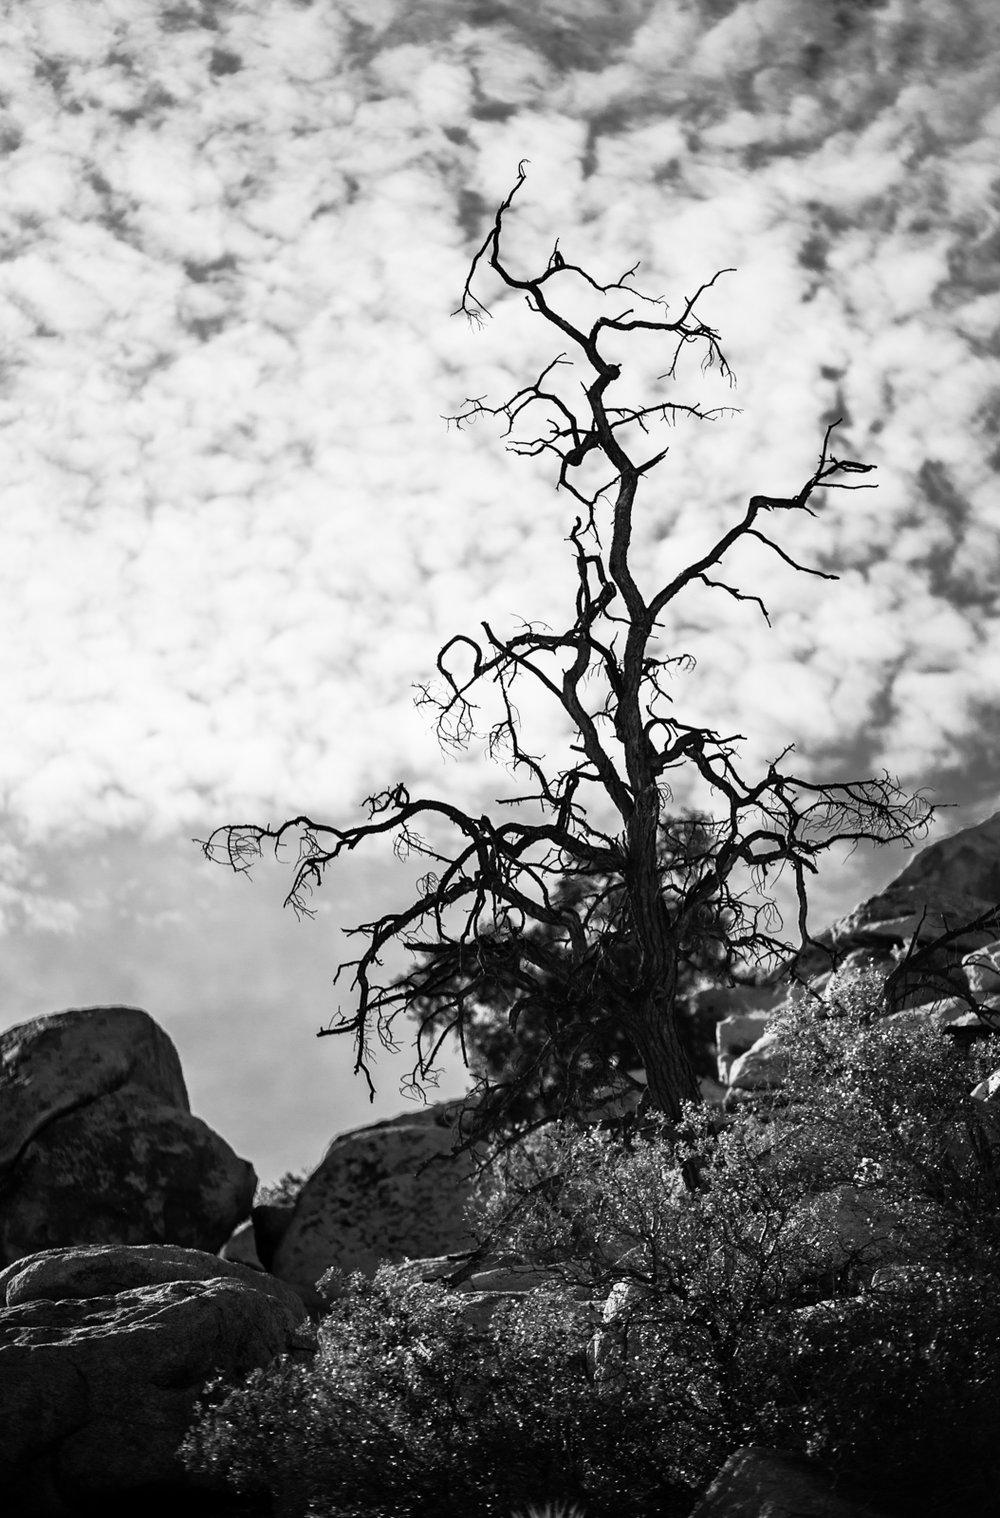 alexa_wright_joshua_tree-4.jpg